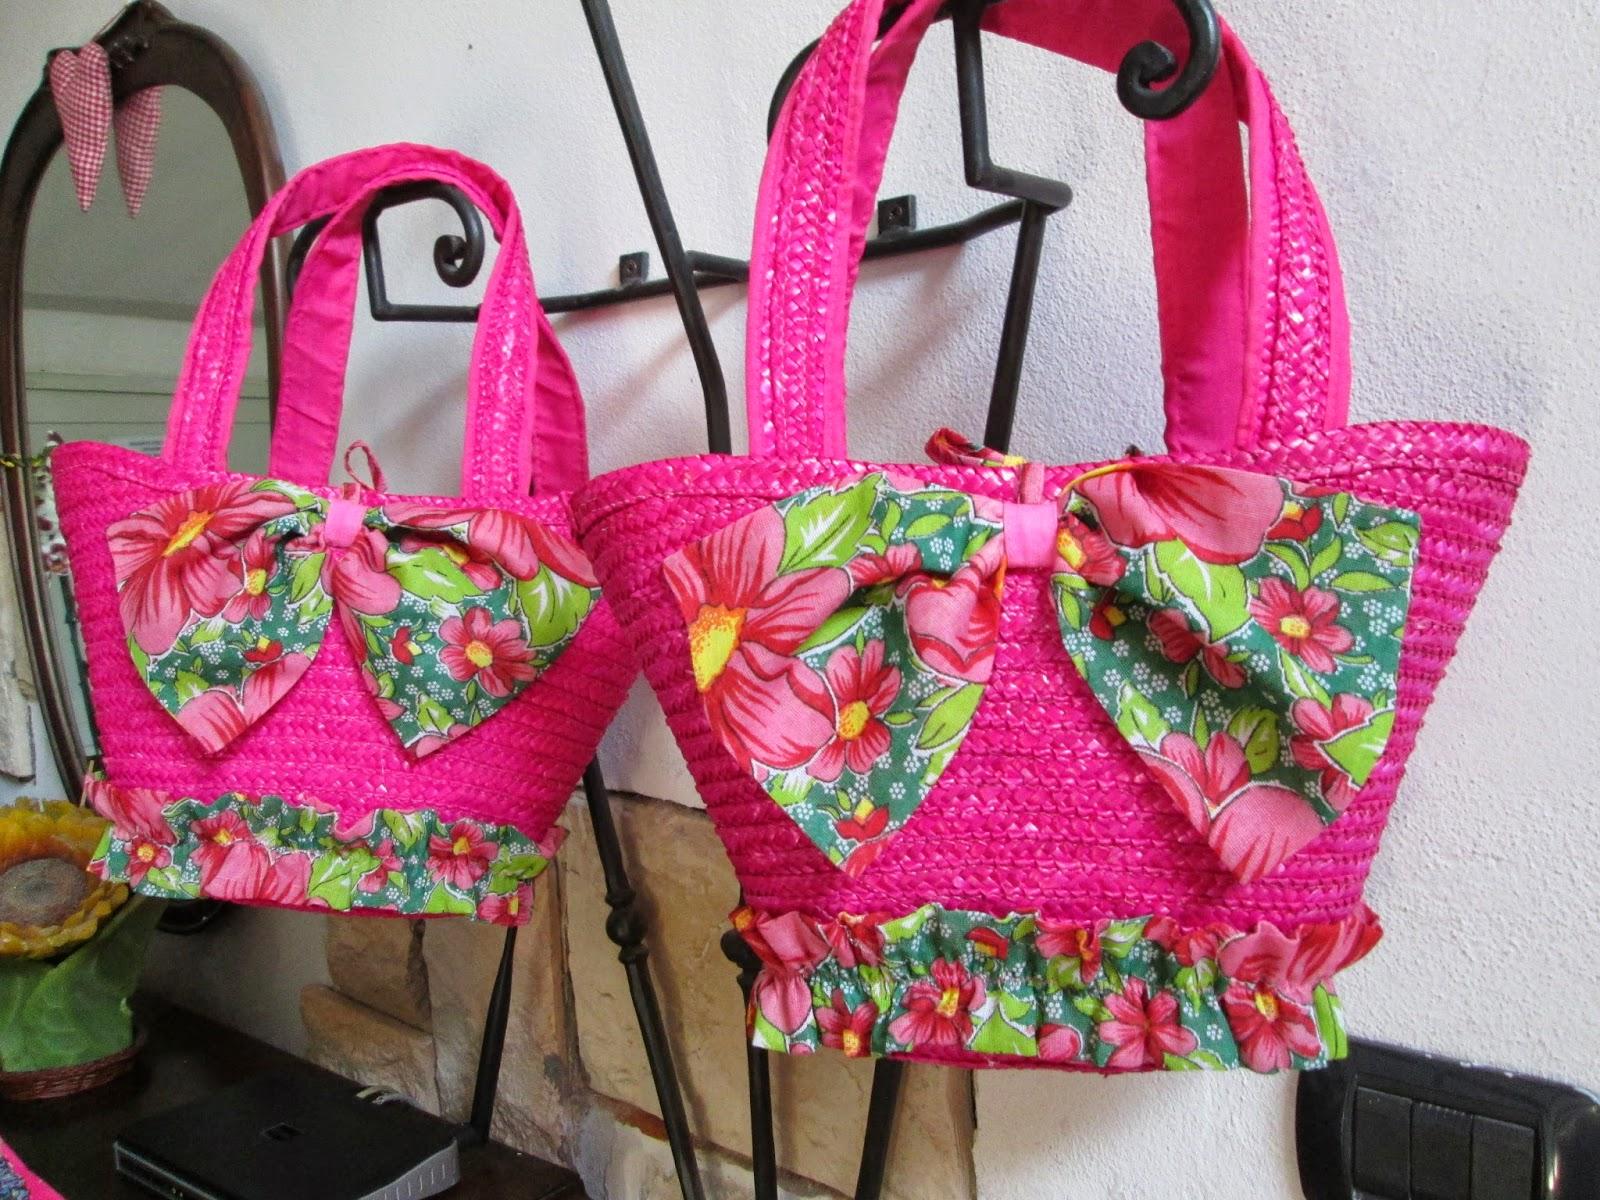 Borse Di Paglia Decorate Alluncinetto : Creazioni con stoffa le borse di paglia decorate